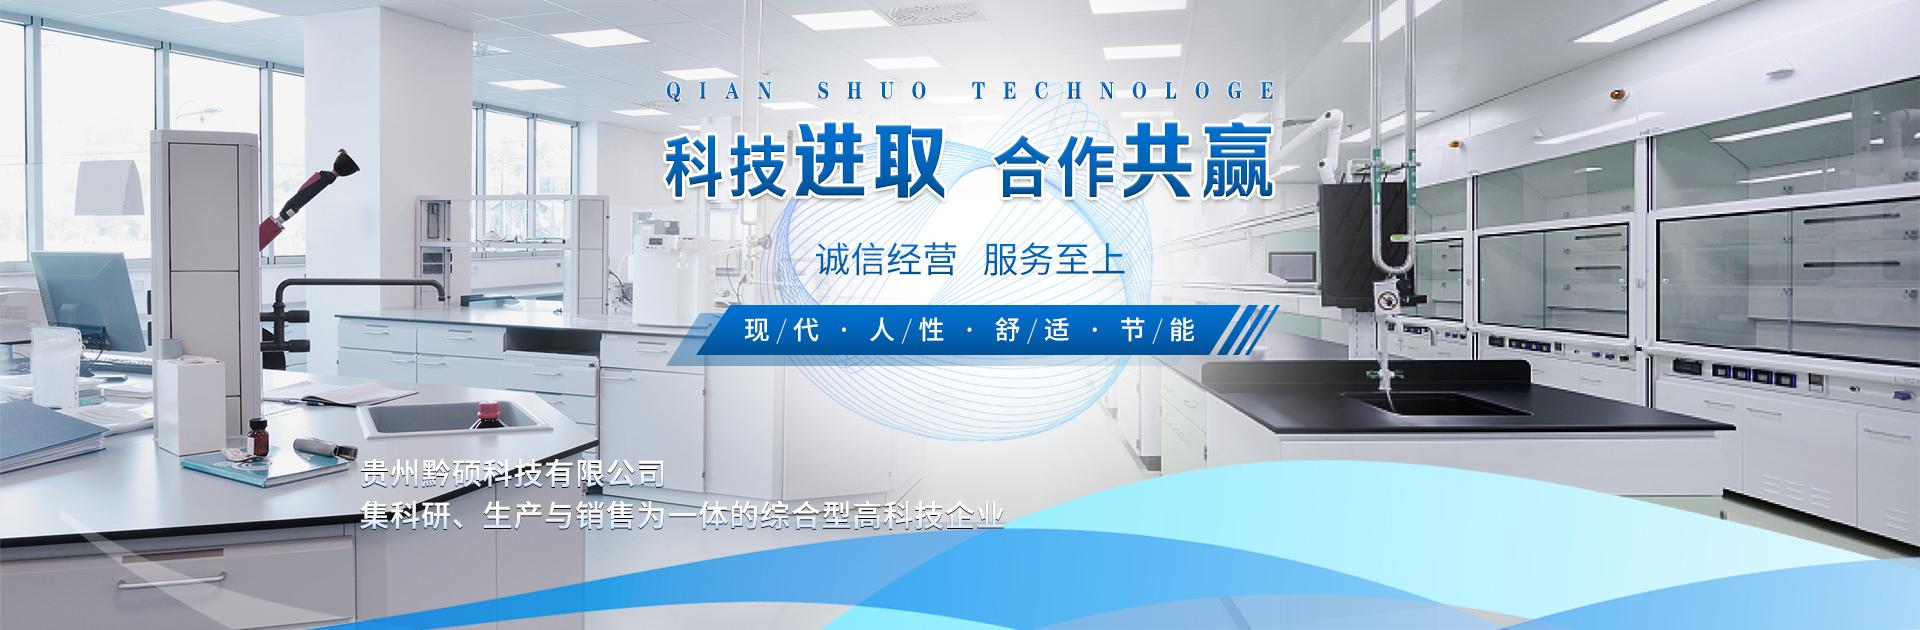 贵州实验仪器